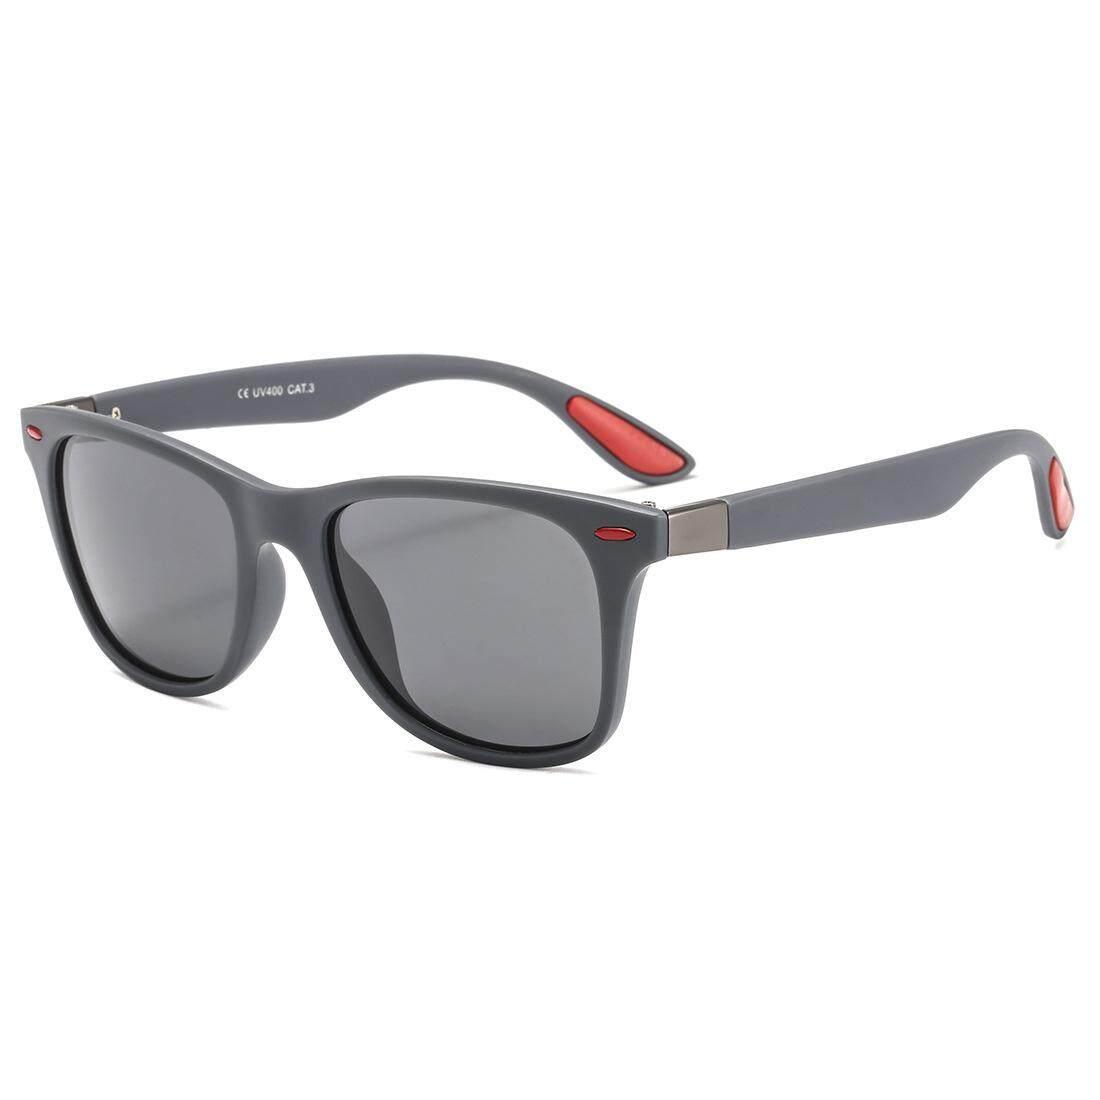 Merek Desain Klasik Kacamata Hitam Terpolarisasi Pria Wanita Mengemudi Bingkai Persegi Kacamata Hitam Kacamata Pria Uv400 Gafas Dari Matahari Af8083 By Panshuzhen.